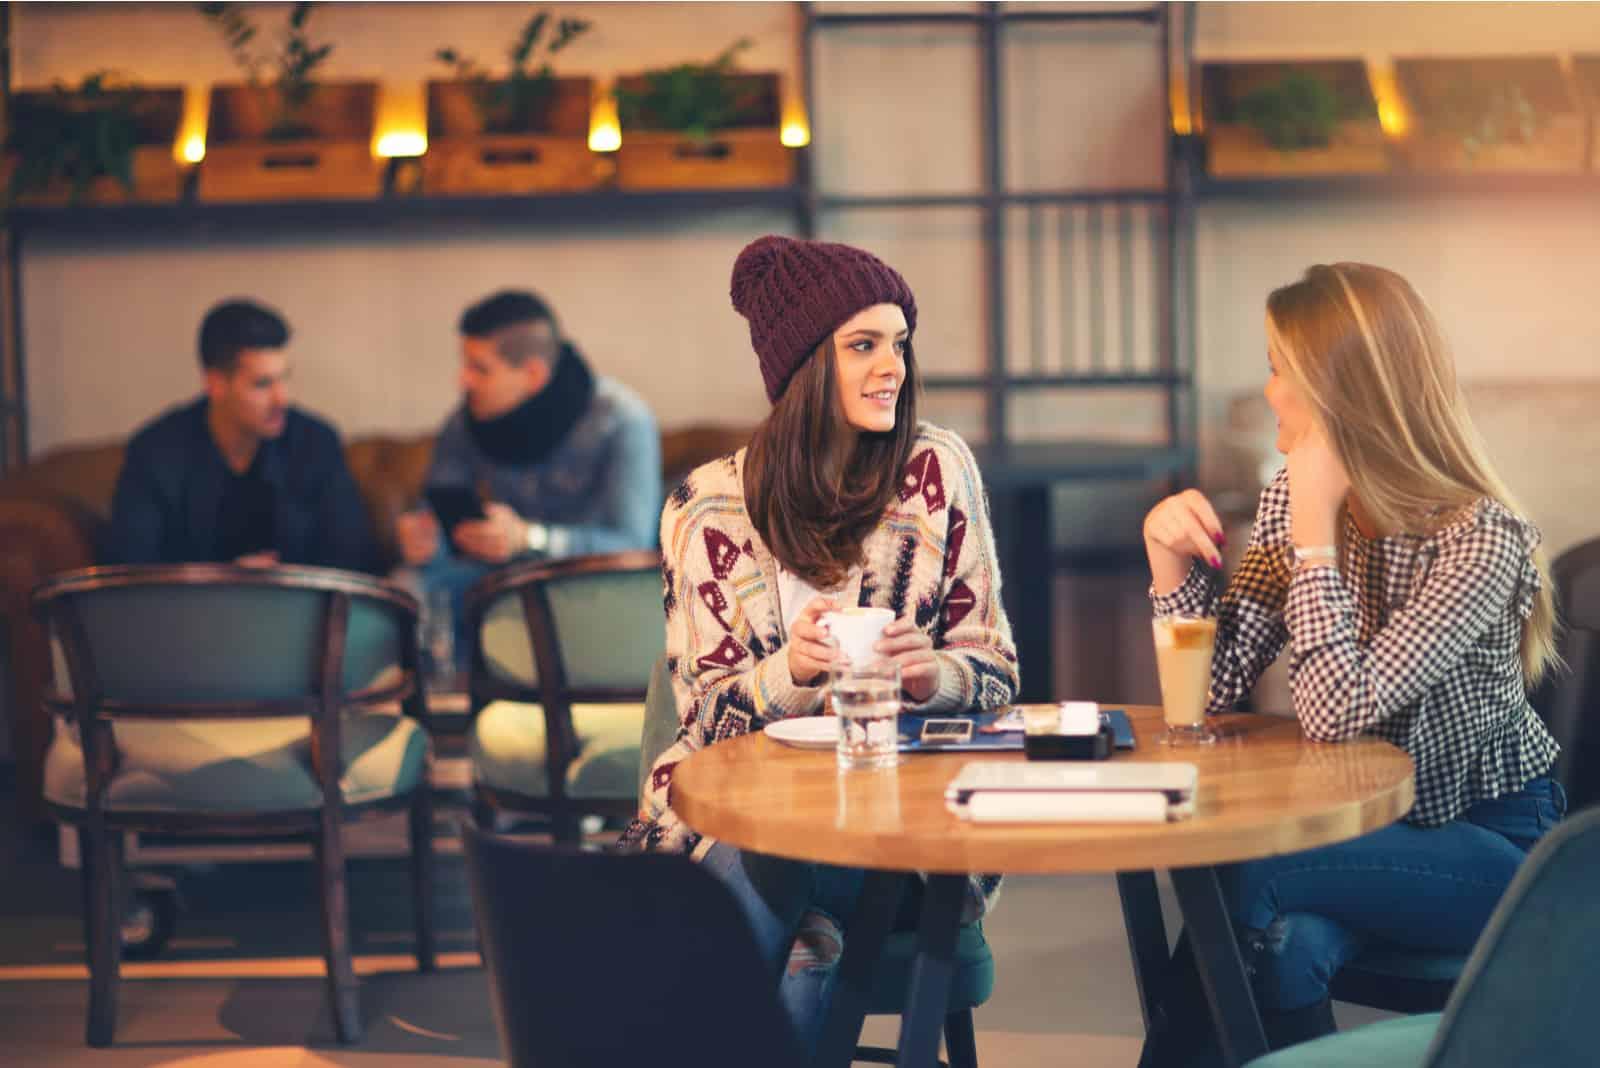 deux femmes se rencontrent au bar pour un cappuccino